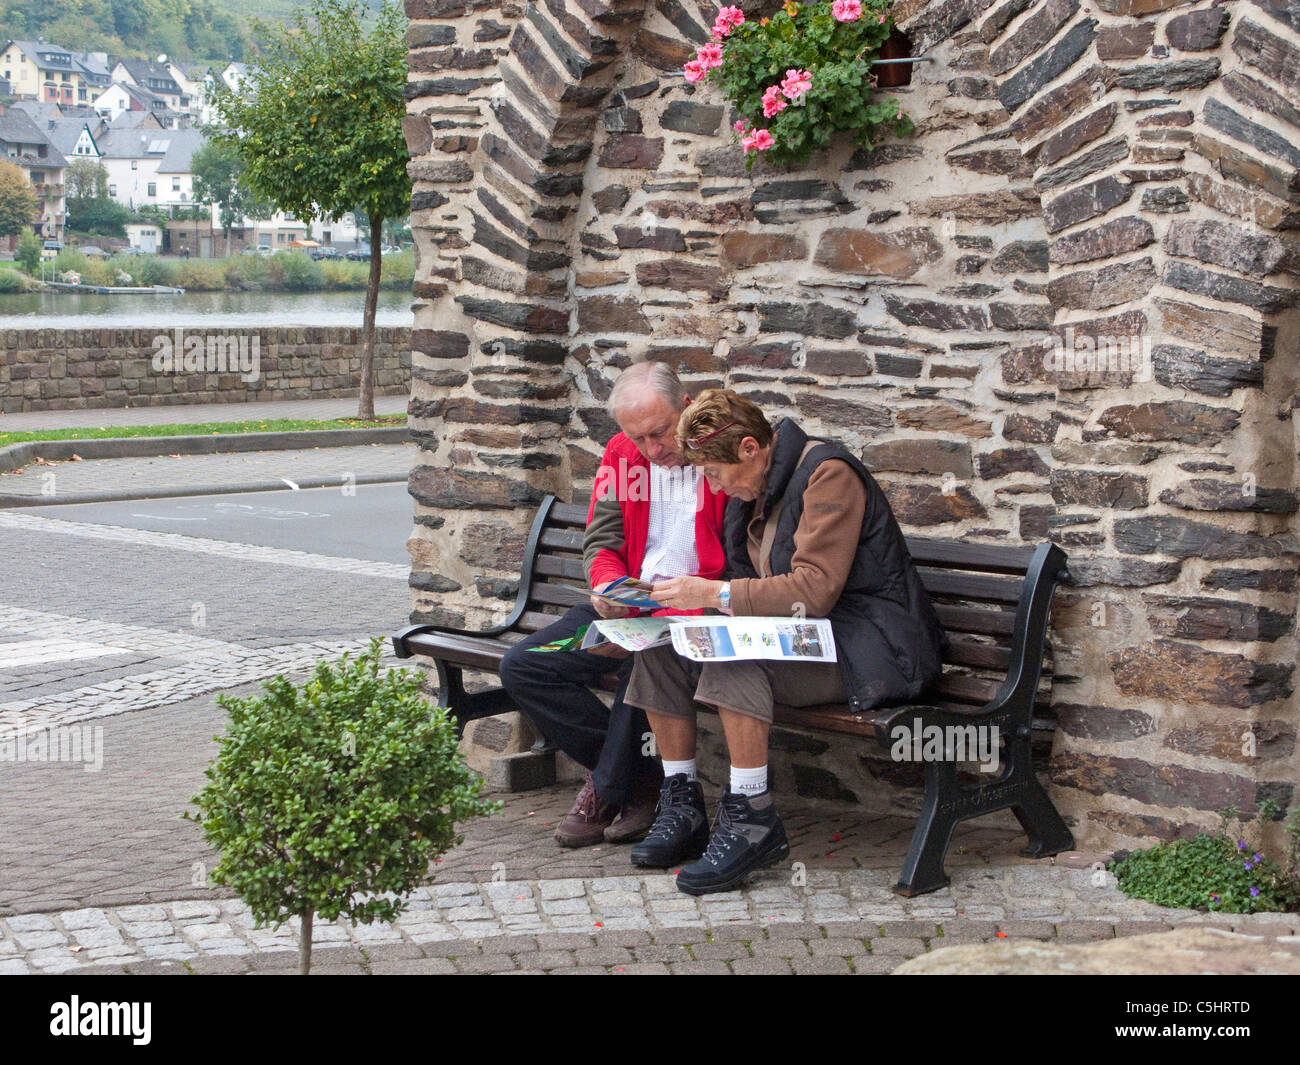 Wanderer, Senioren orientieren sich anhand von einem Ortsplan, Zell an der Mosel, Hiker, couple studies a village - Stock Image